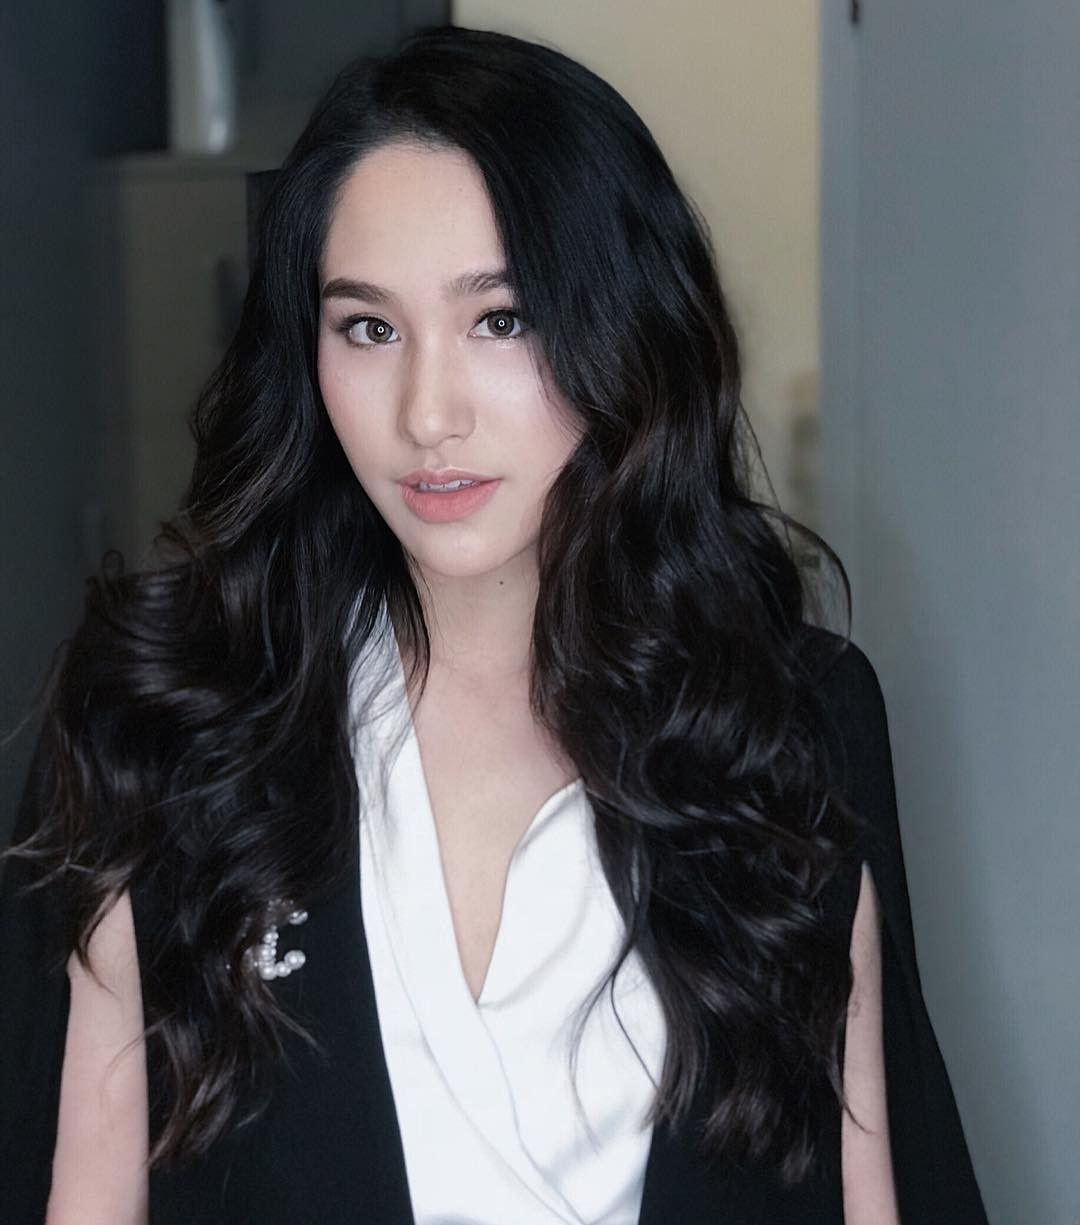 Danh sách những ngôi sao tuổi Hợi nổi tiếng đình đám màn ảnh Thái Lan (15)